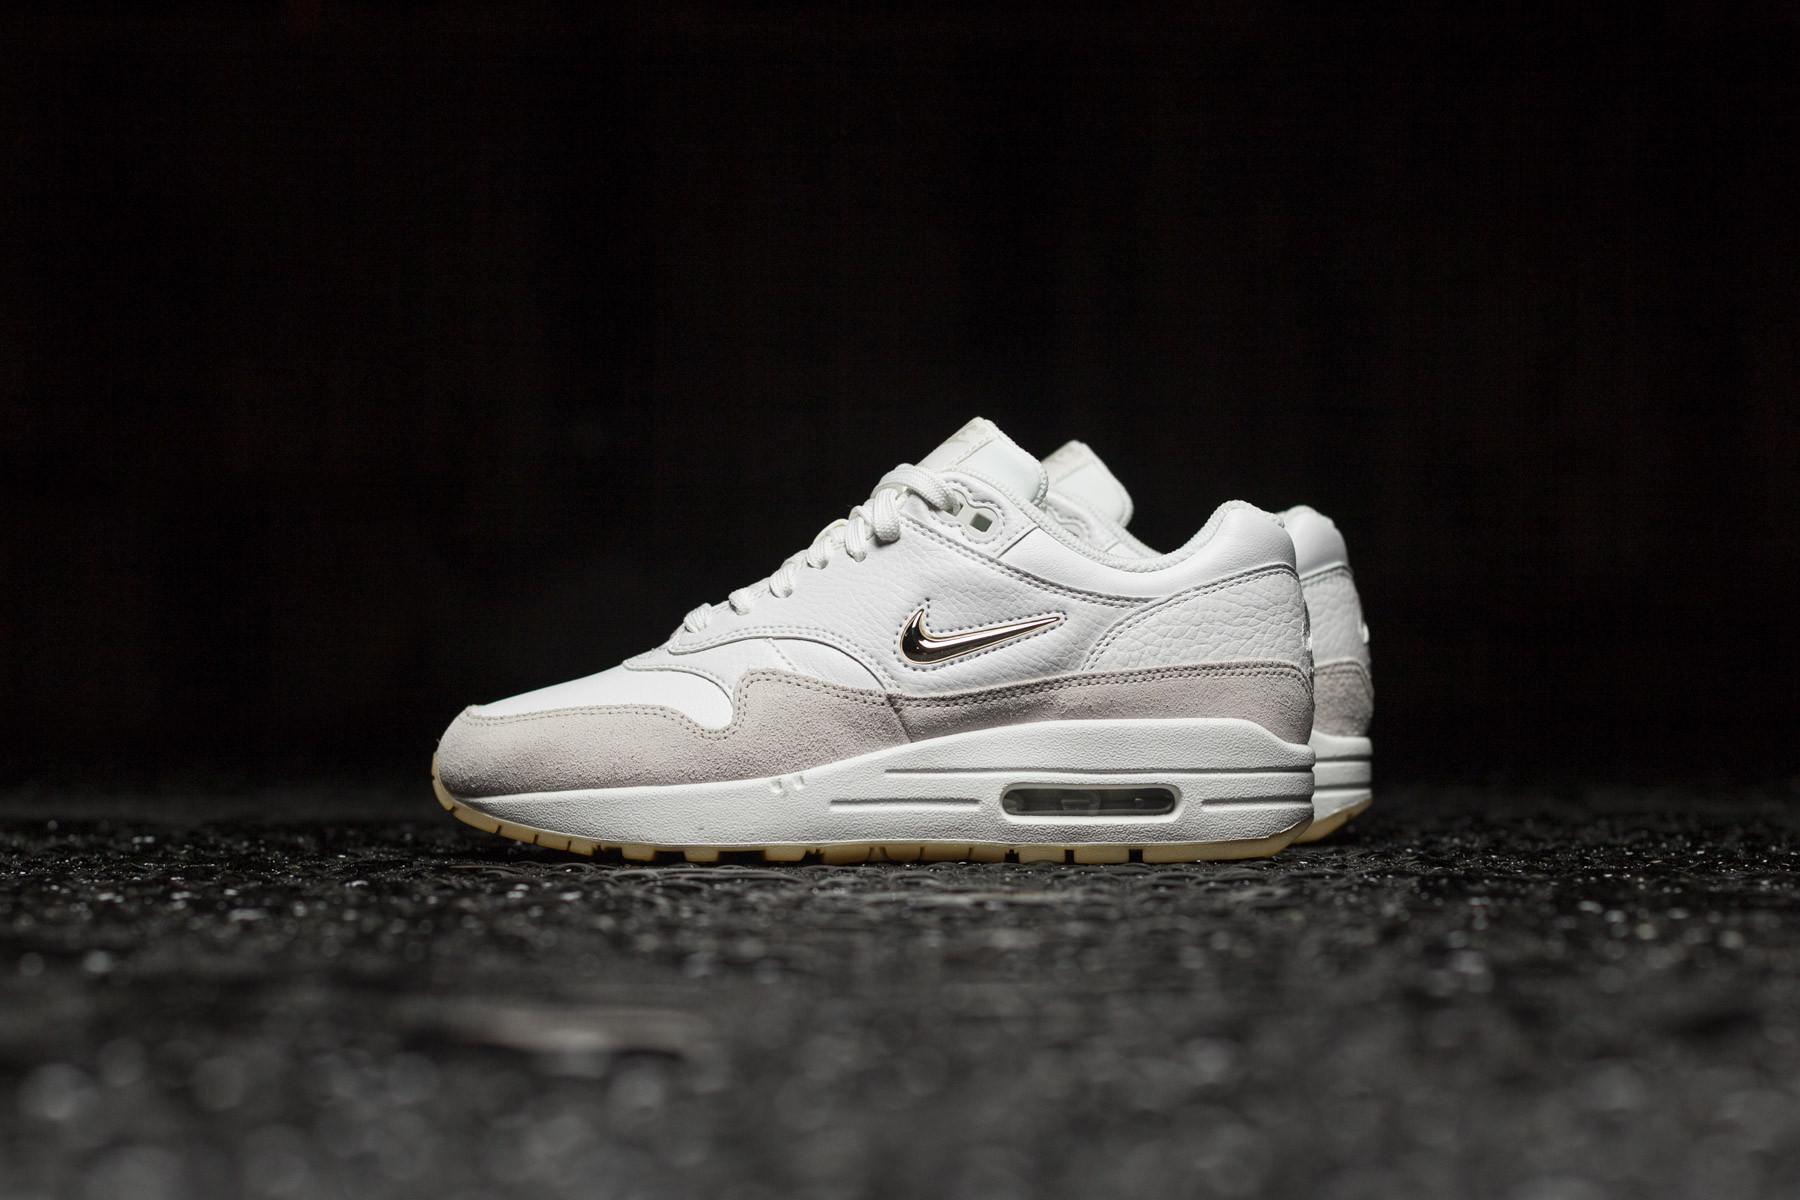 Nike Air Max 1 Jewel White